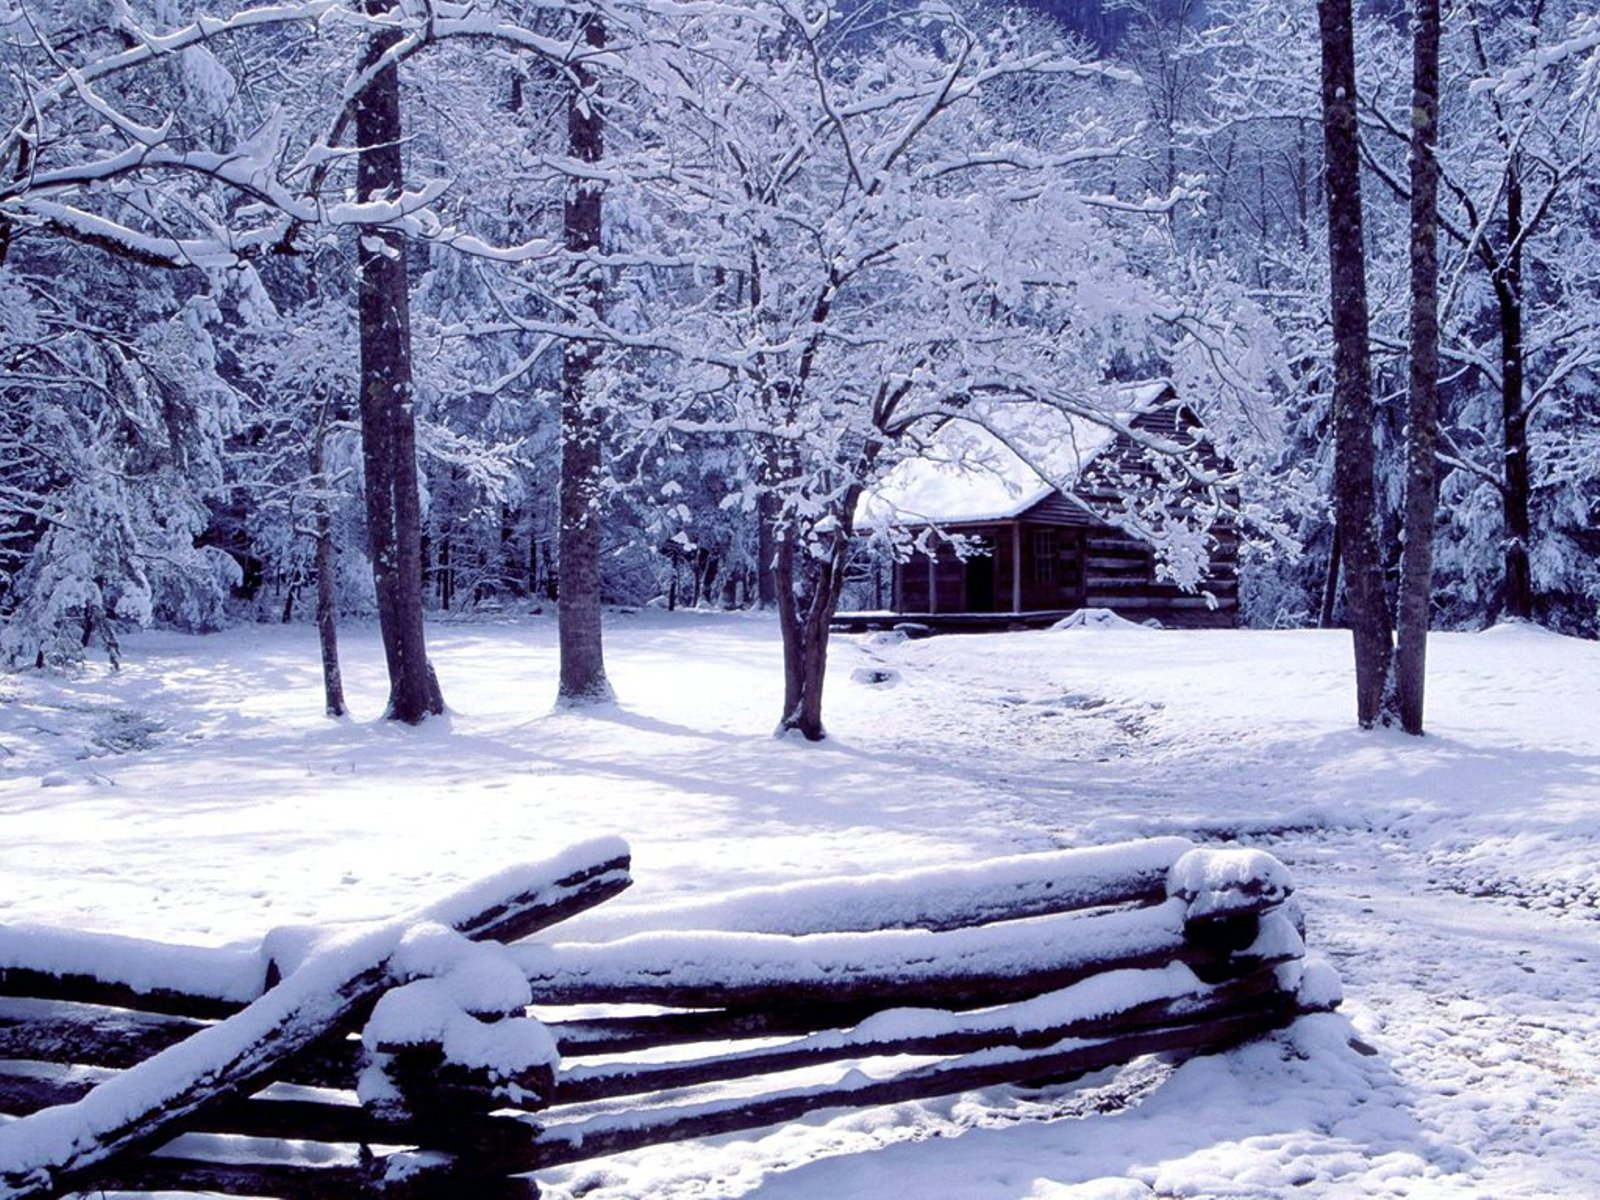 winter scenery winter scenery winter scenery winter scenery 1600x1200